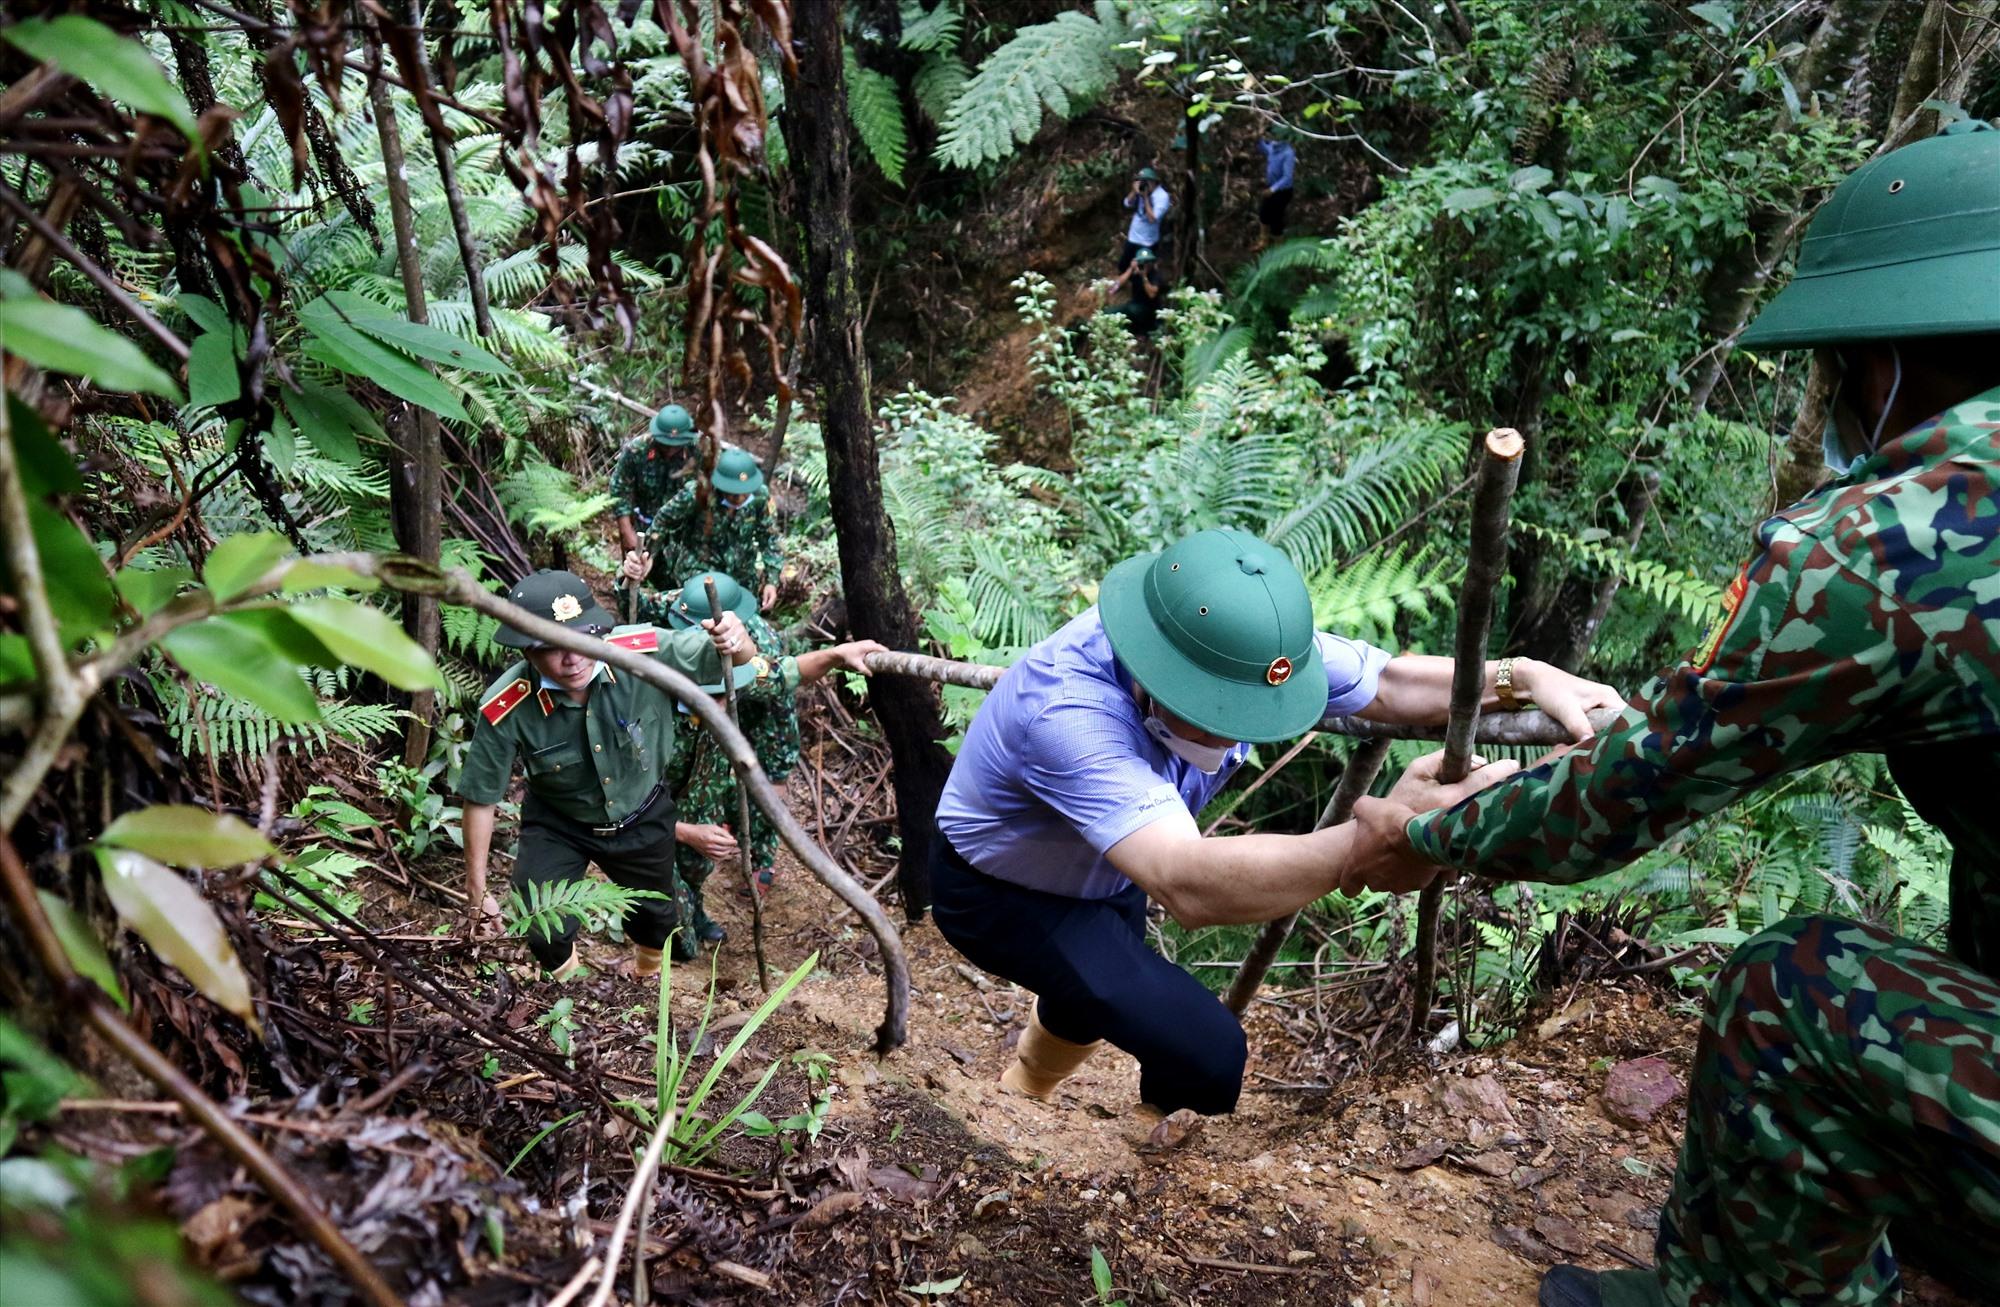 Chiến sĩ biên phòng hỗ trợ đoàn công tác leo núi. Ảnh: A.N